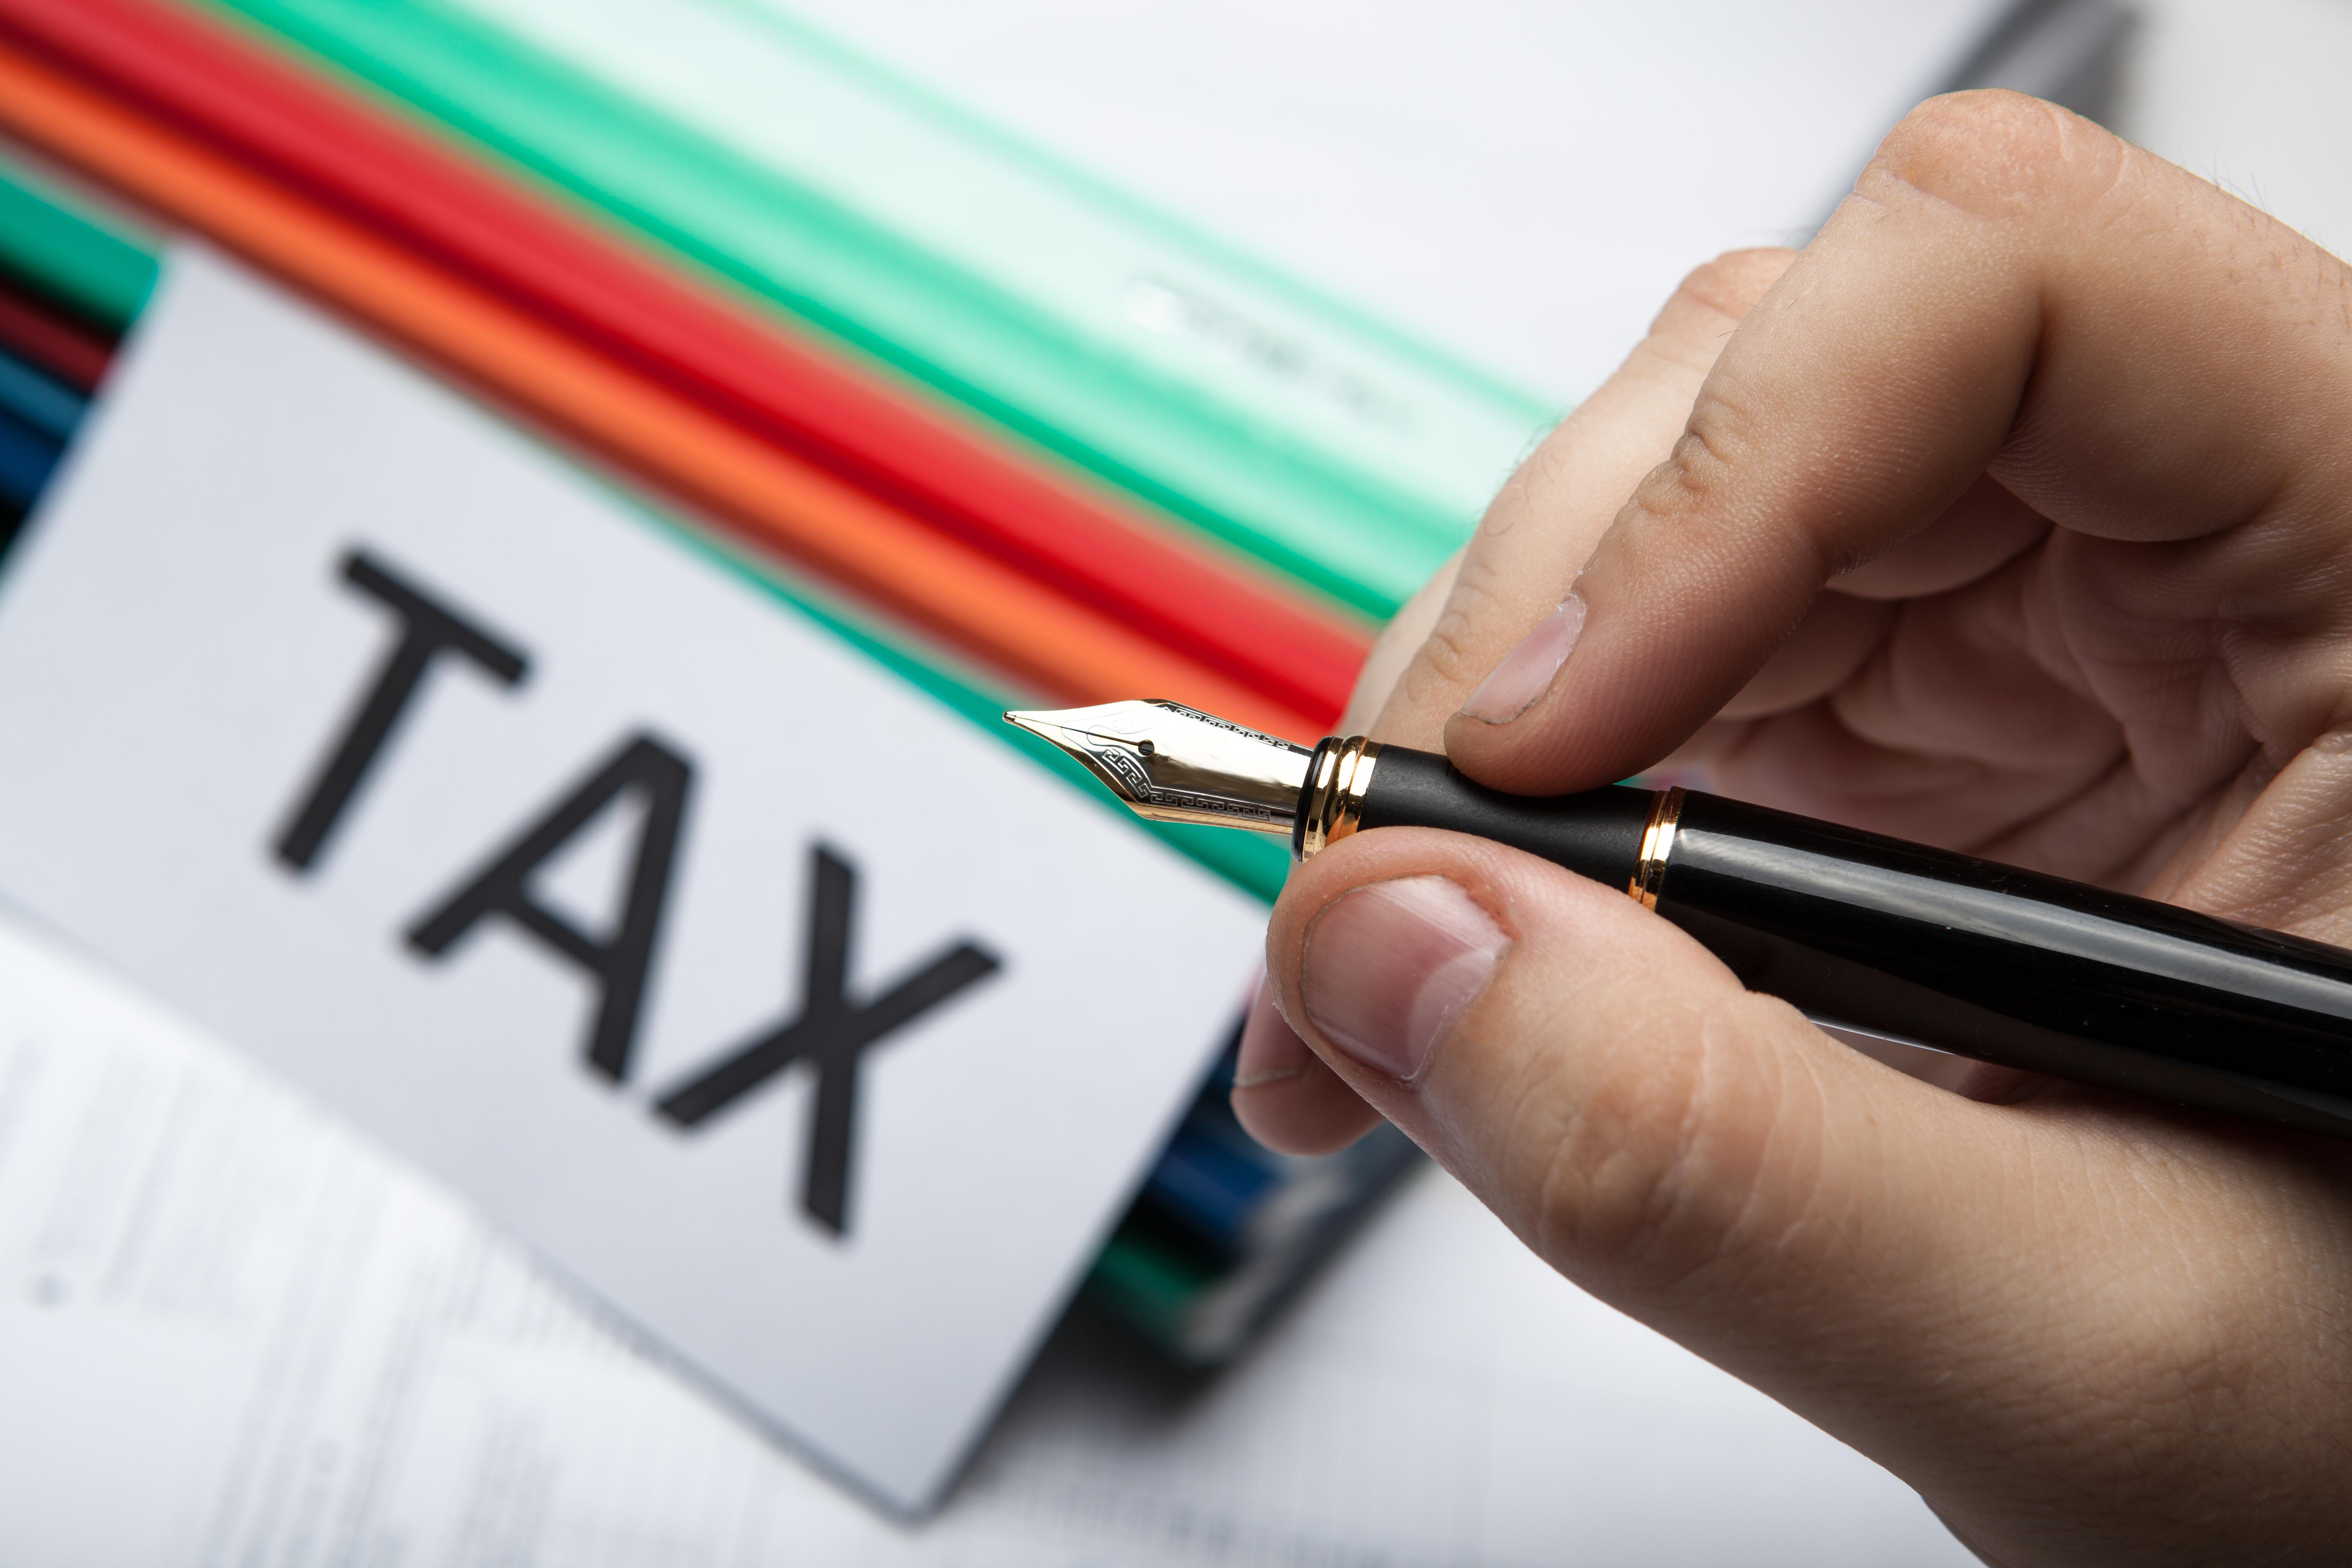 Τι πληρώσαμε σε φόρους το 2018 - Πόσο κοστίζουν οι απαλλαγές και οι μειώσεις φόρων στα δημόσια έσοδα